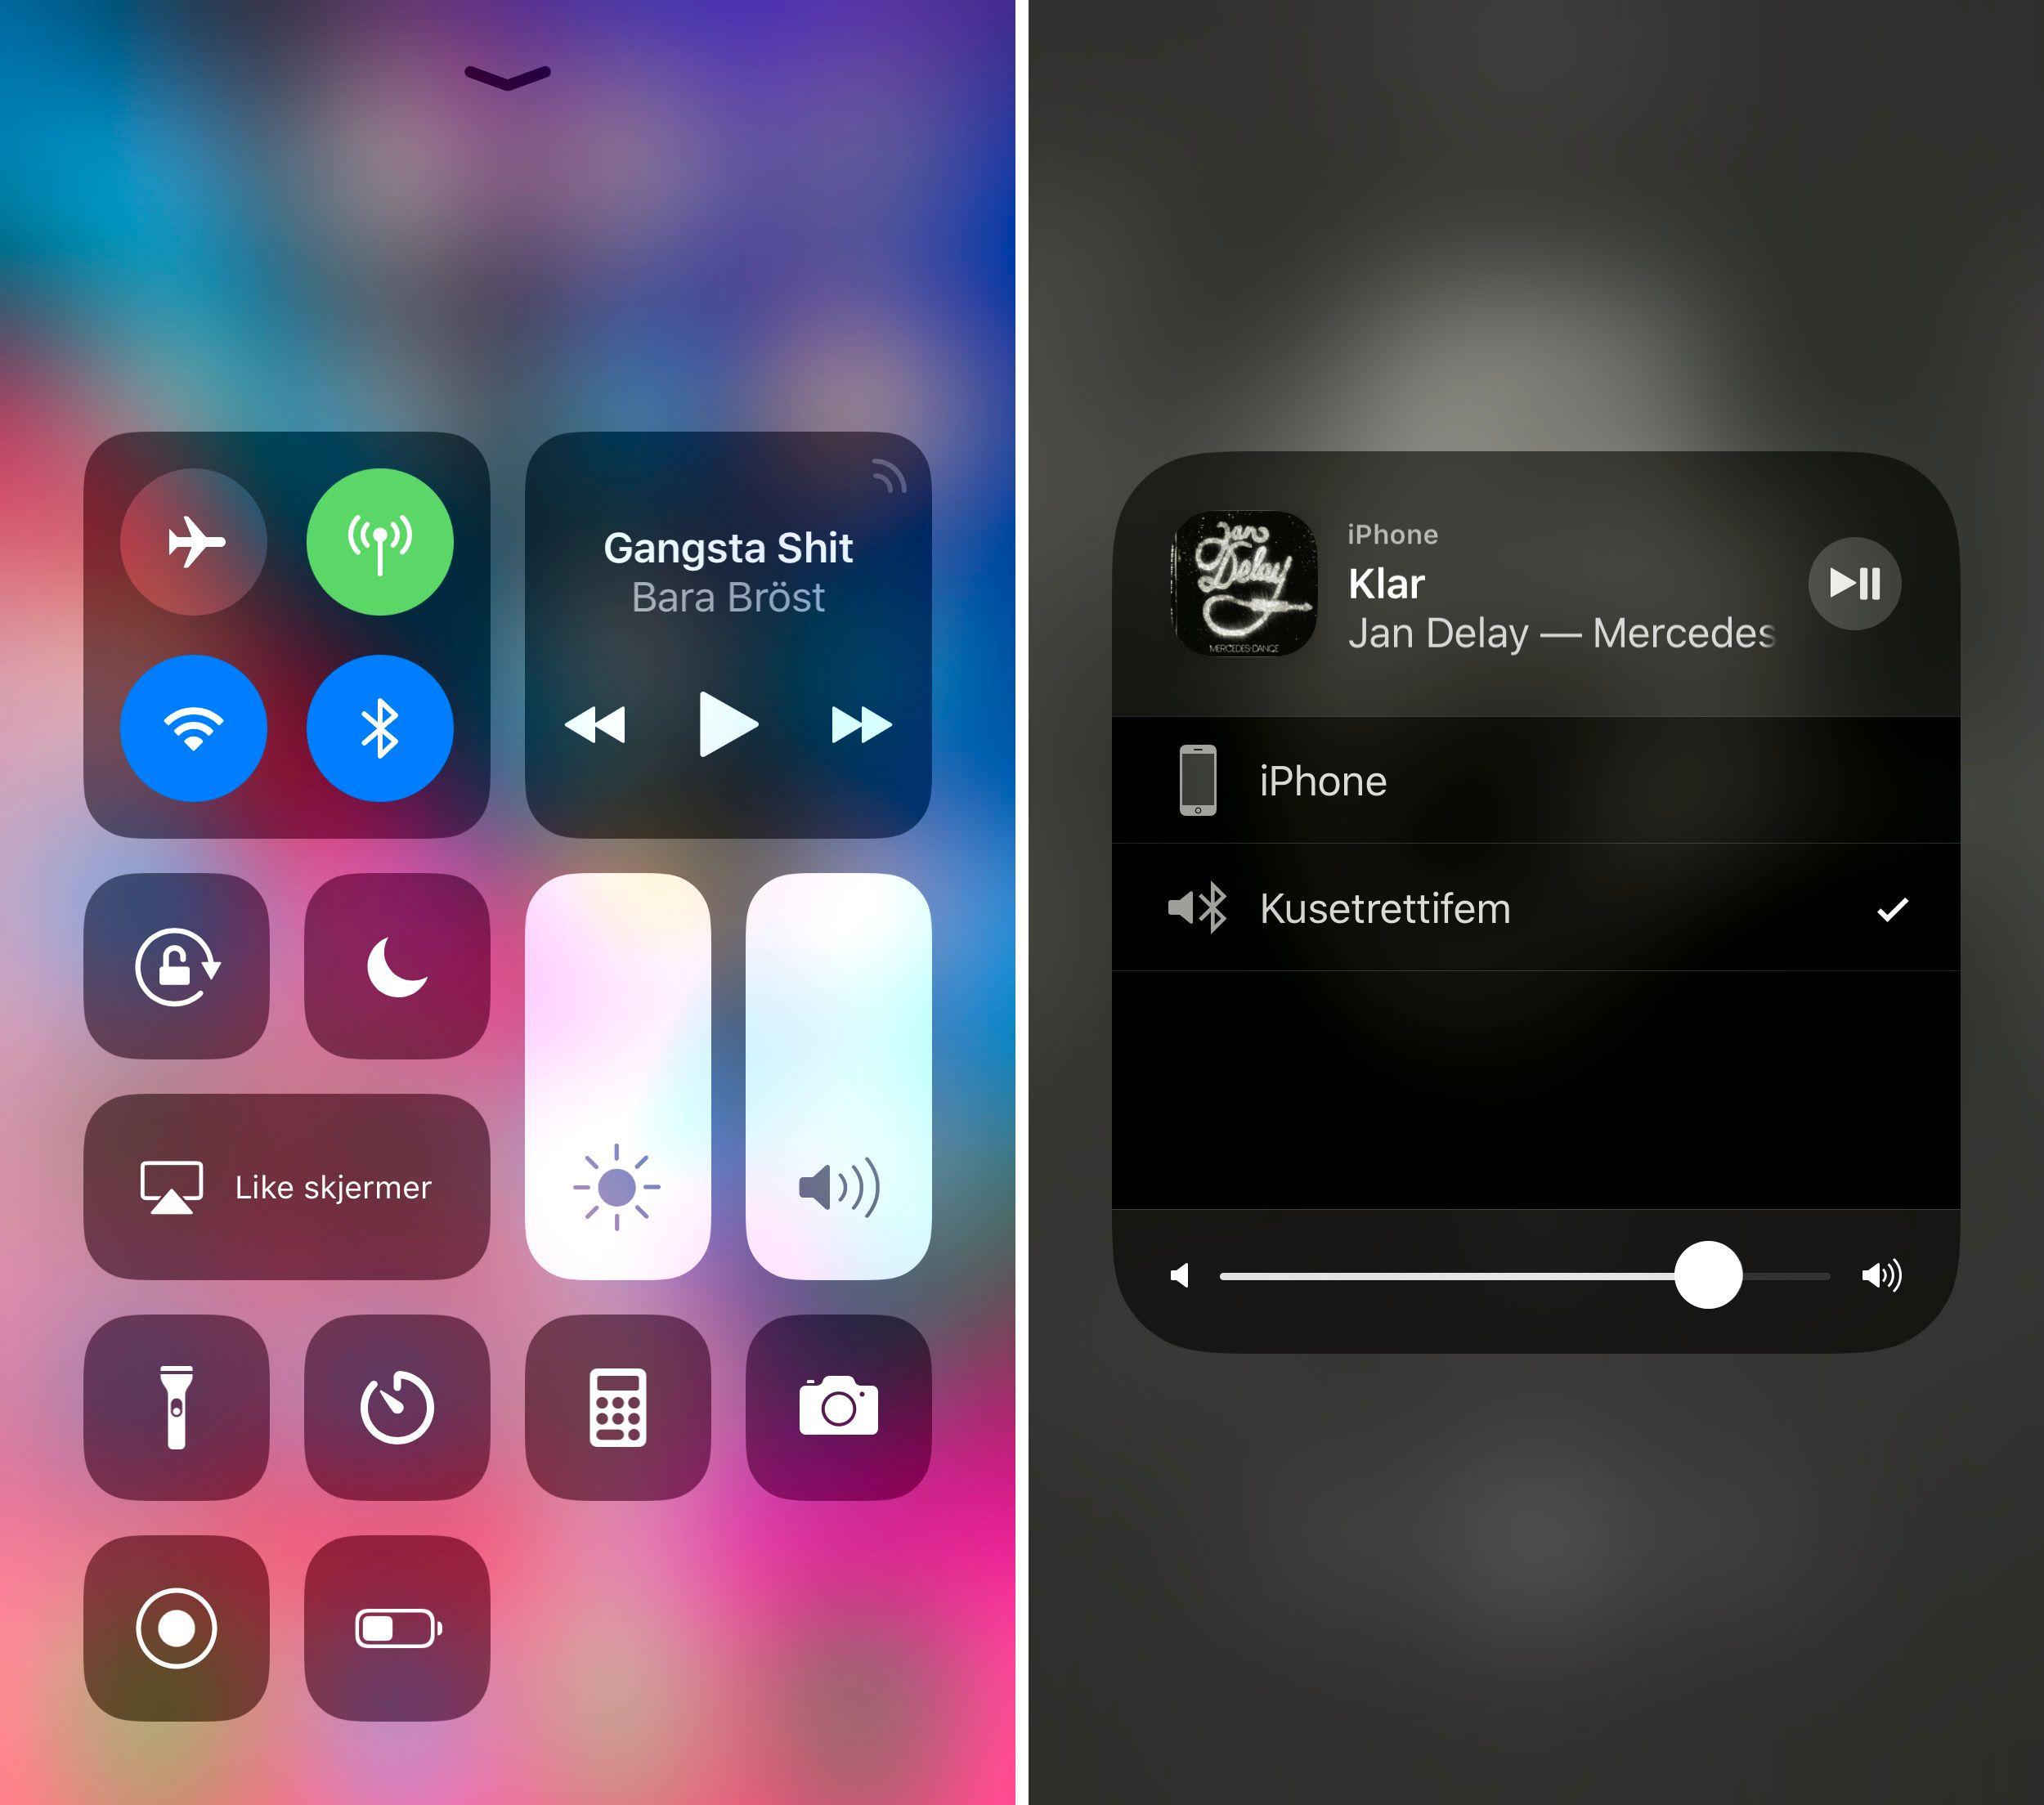 Nye iOS 11 har et kontrollsenter som du kan tilpasse selv. Det gir rask tilgang på nyttige funksjoner, og trinnløs justering av lys og volum.